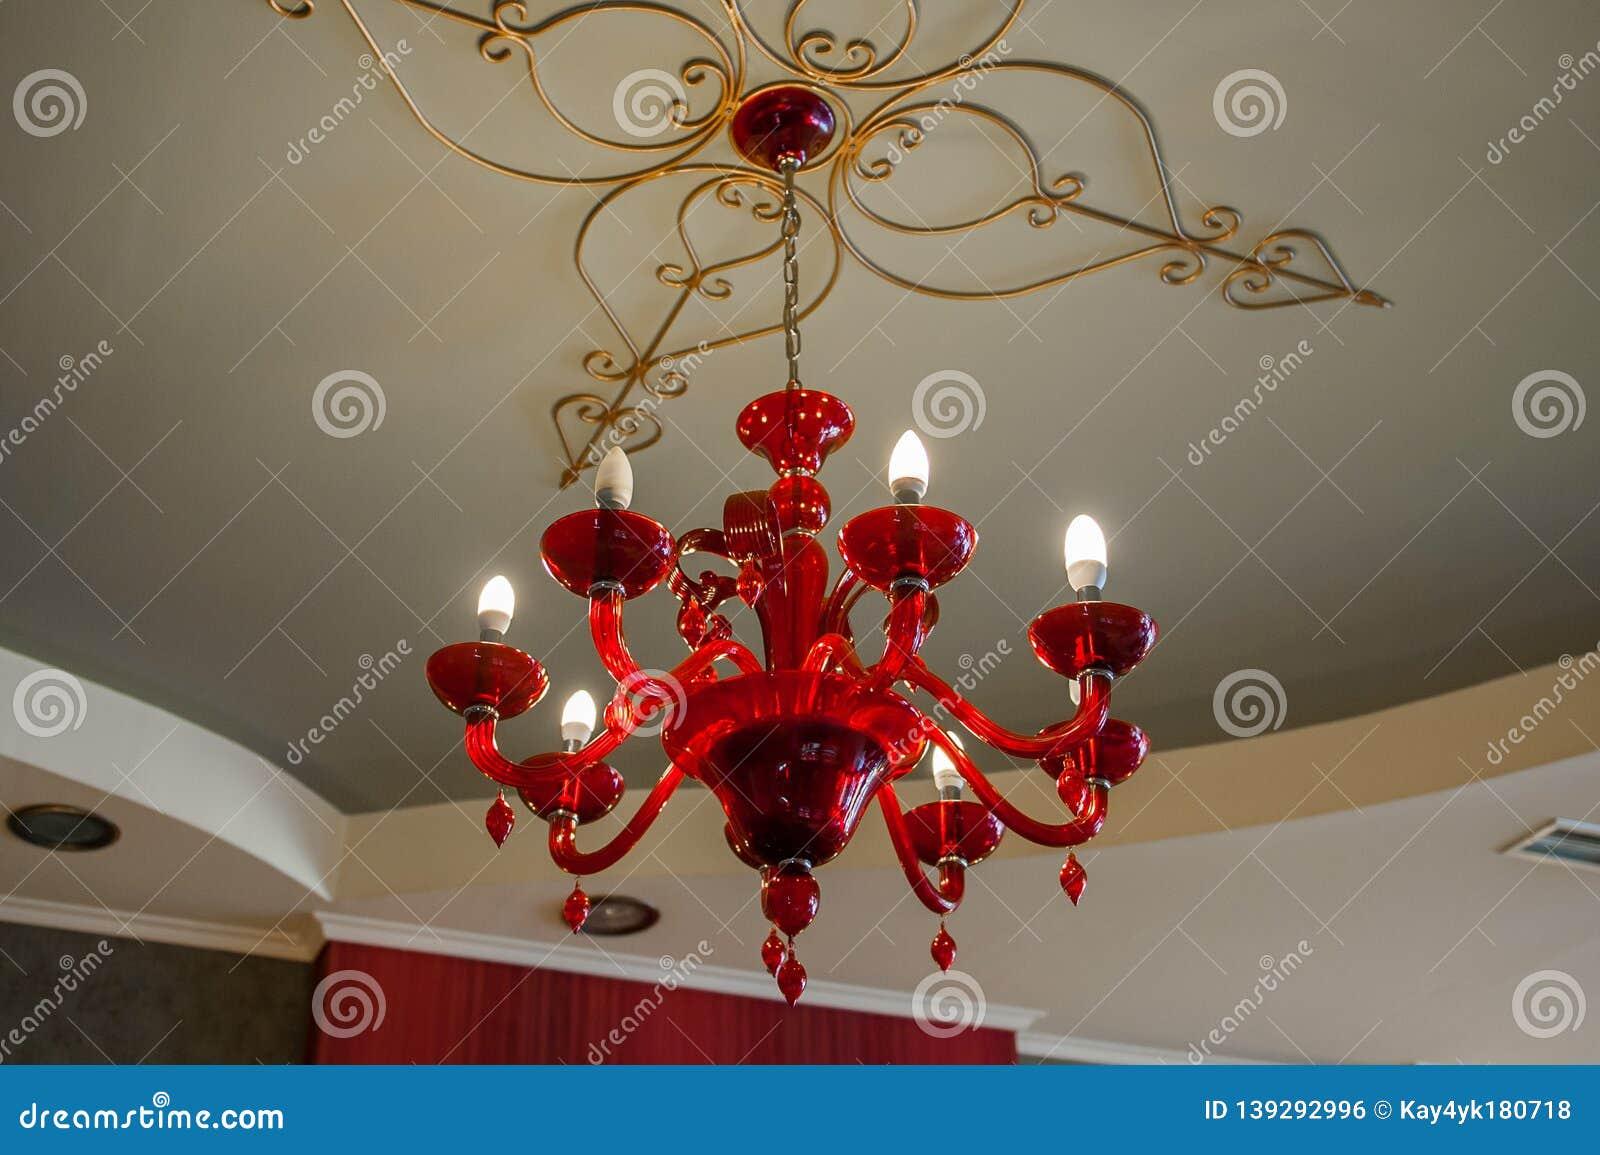 Lustre rouge sur un plafond modelé dans une chambre noire, ampoules rougeoyantes là-dessus